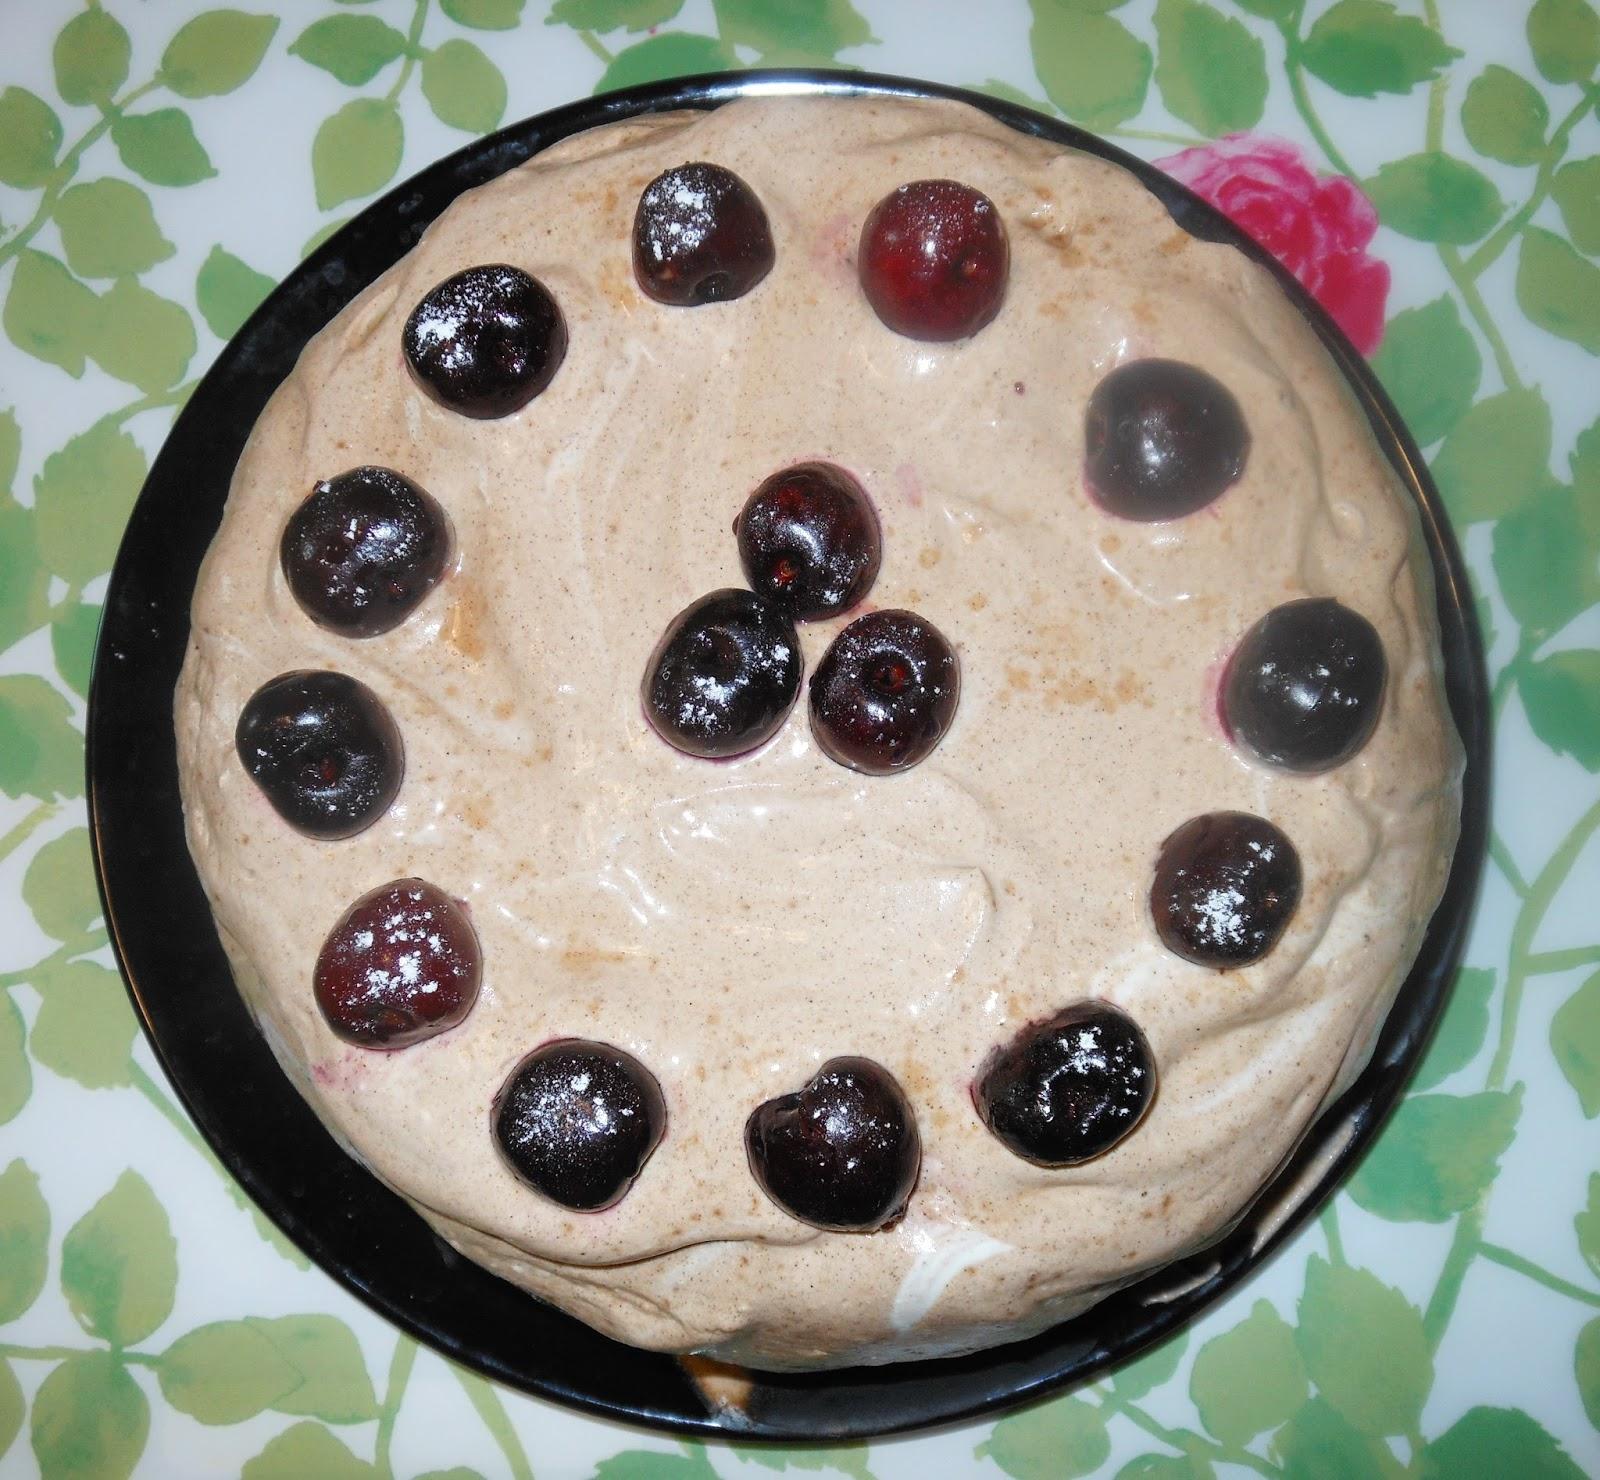 торт, торт с черешней, бисквитный торт, рецепт торта, рецепт бисквита, экономный торт, быстрый торт, вкусный торт, как испечь торт, рецепты